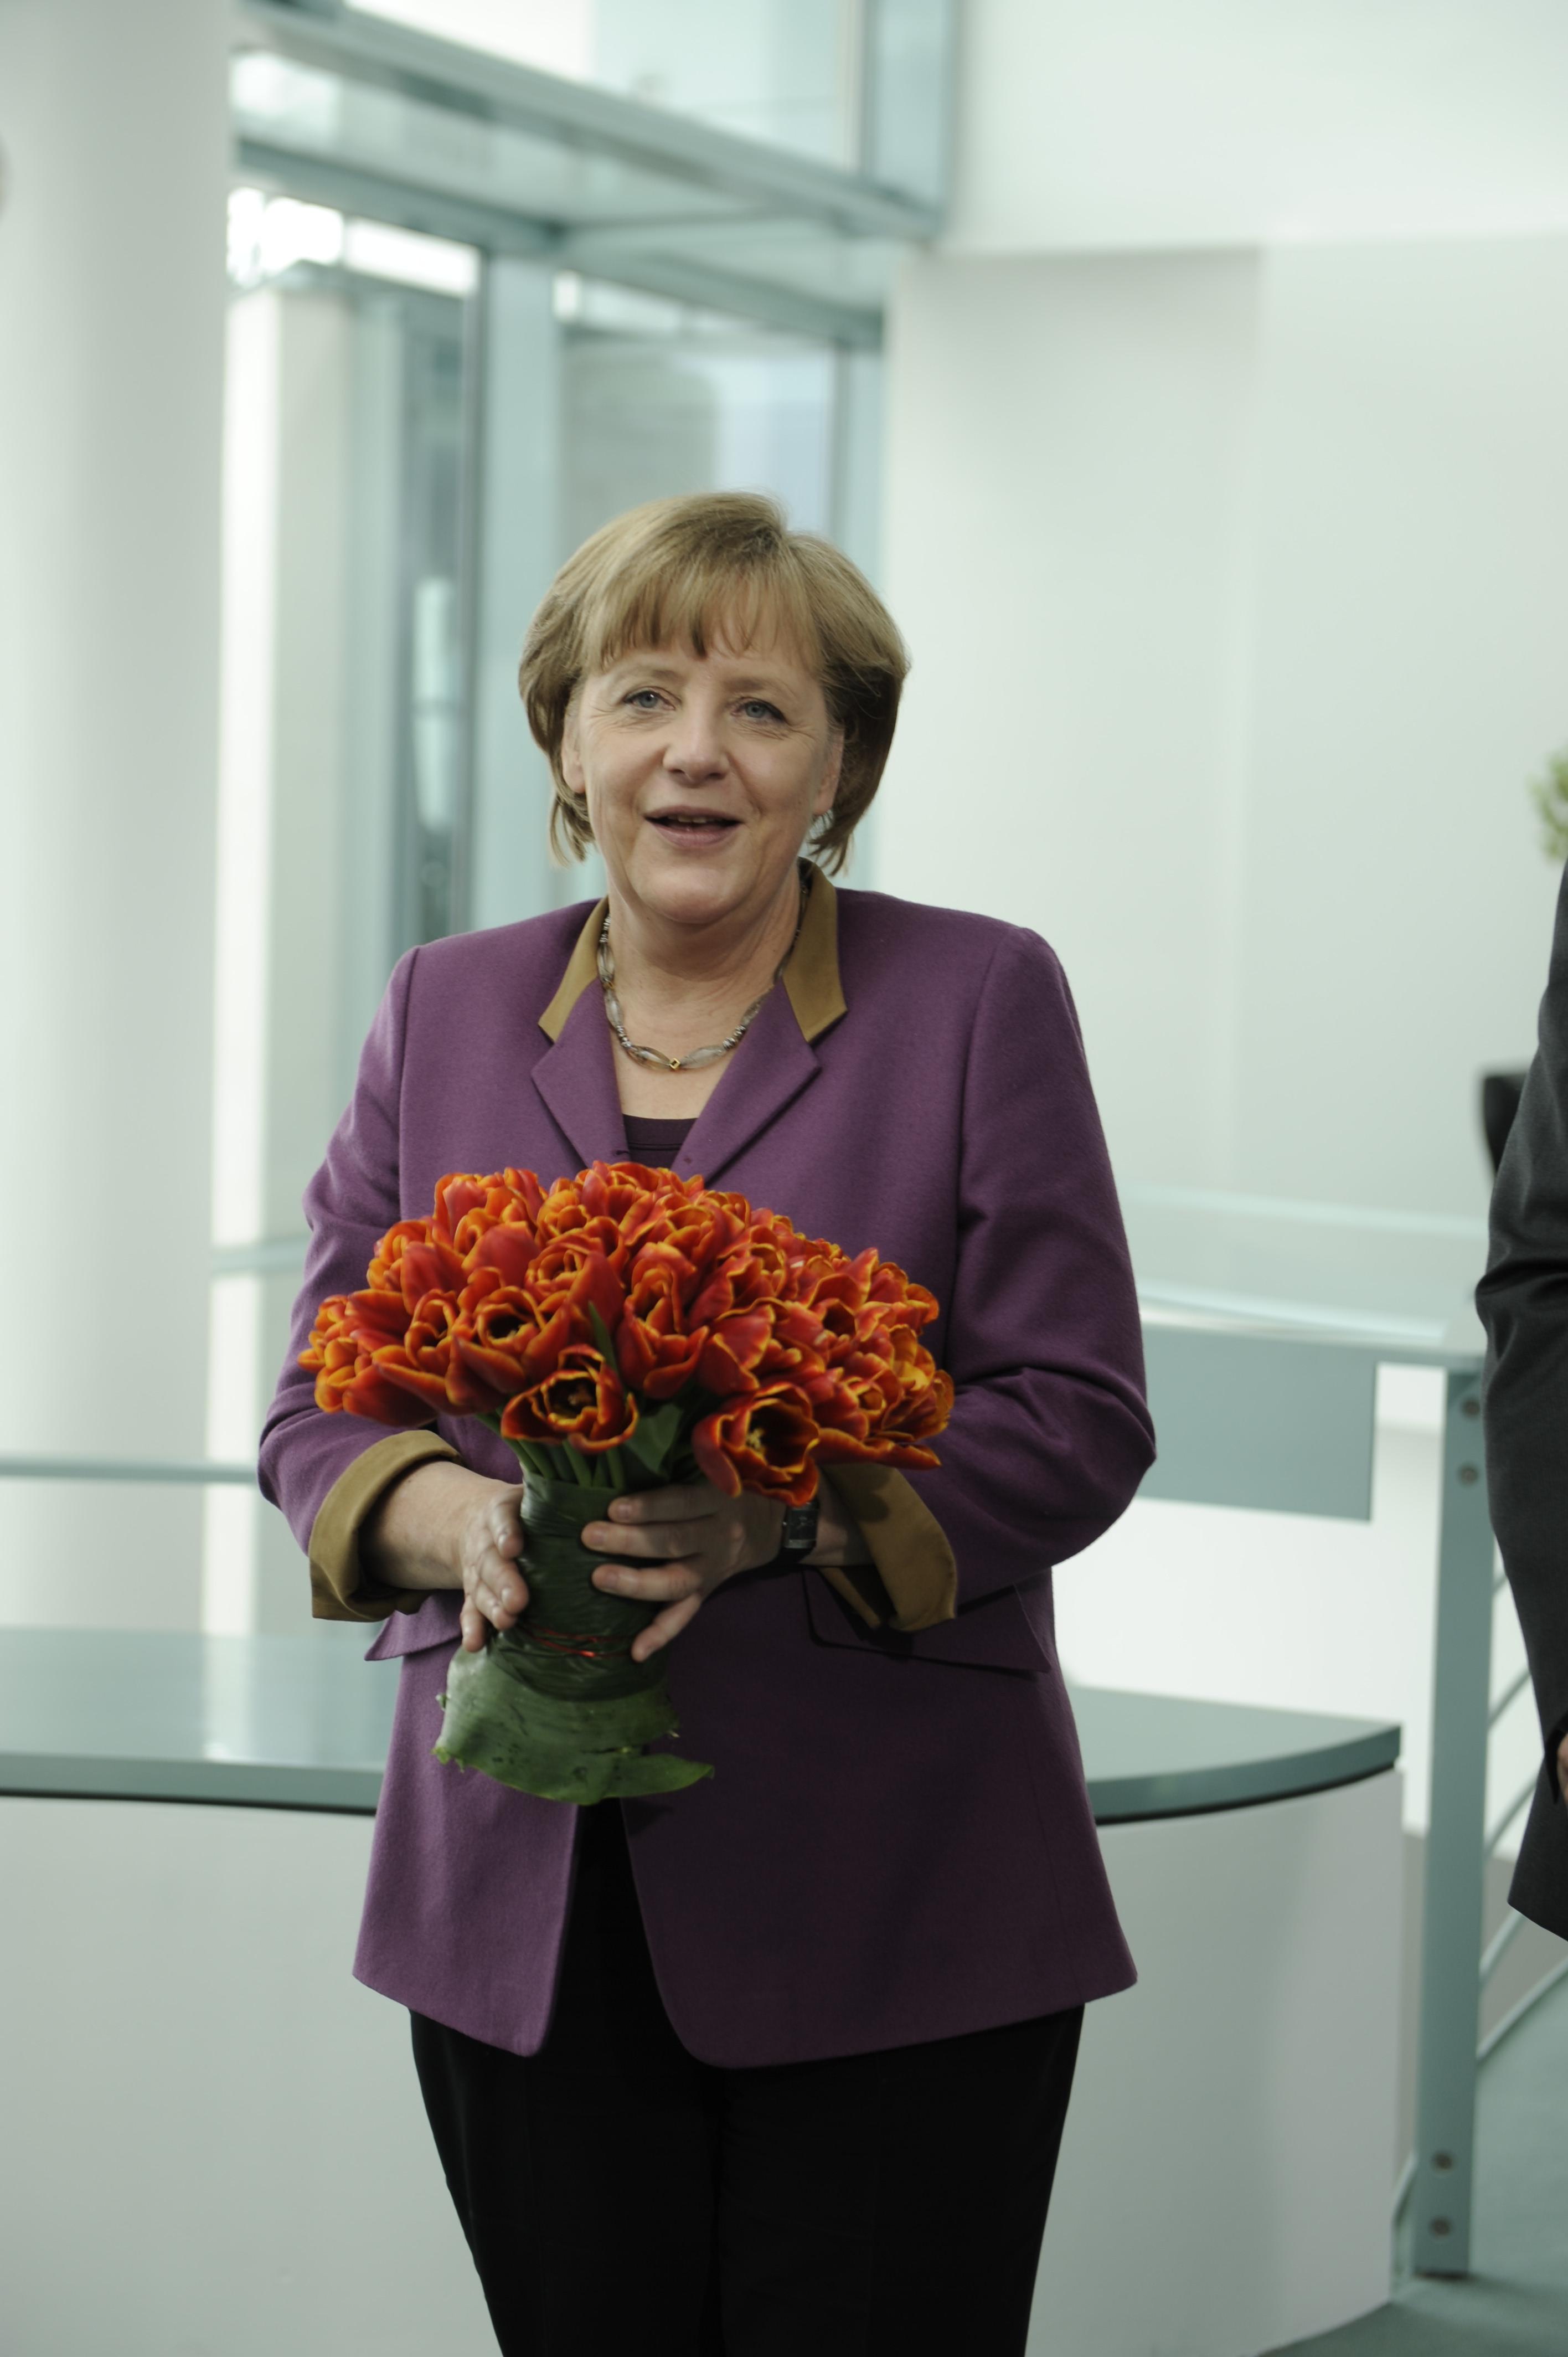 Angela Merkel und ihre Tulpen